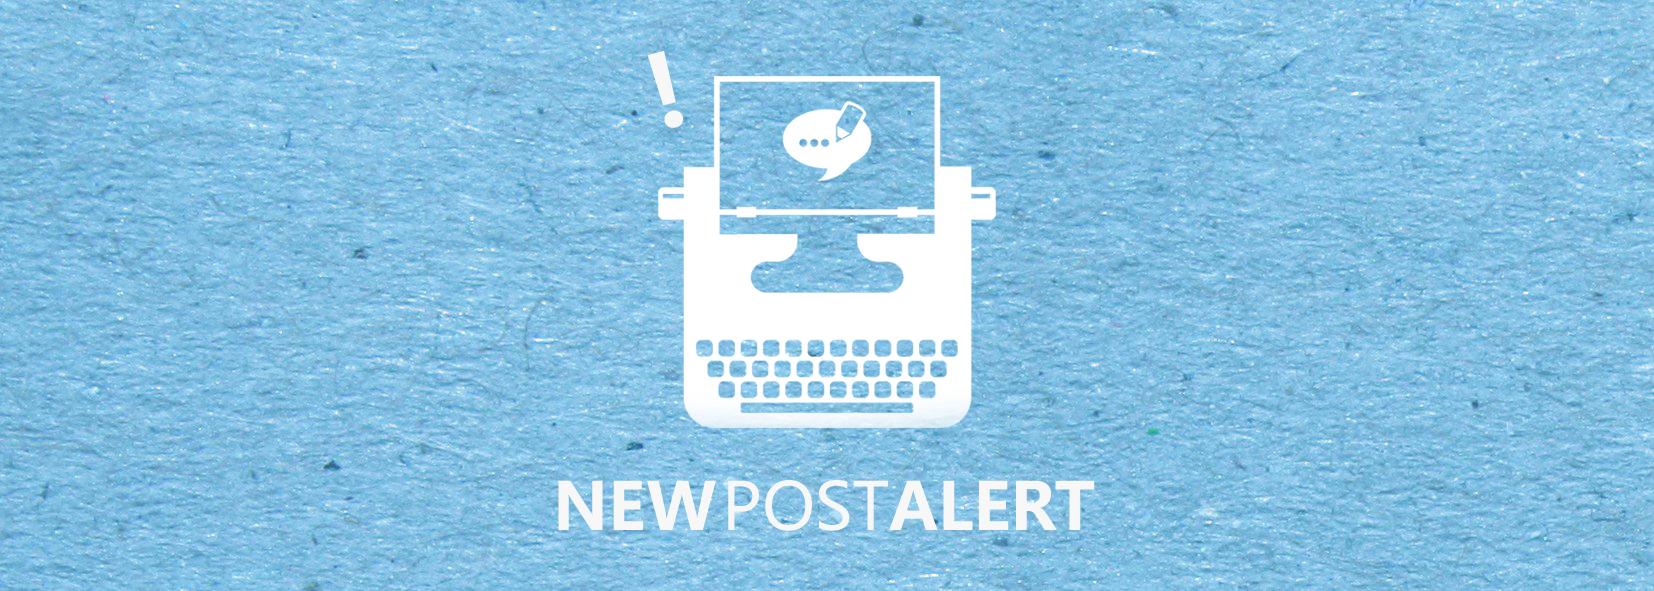 Blog Banner - New Post Alert